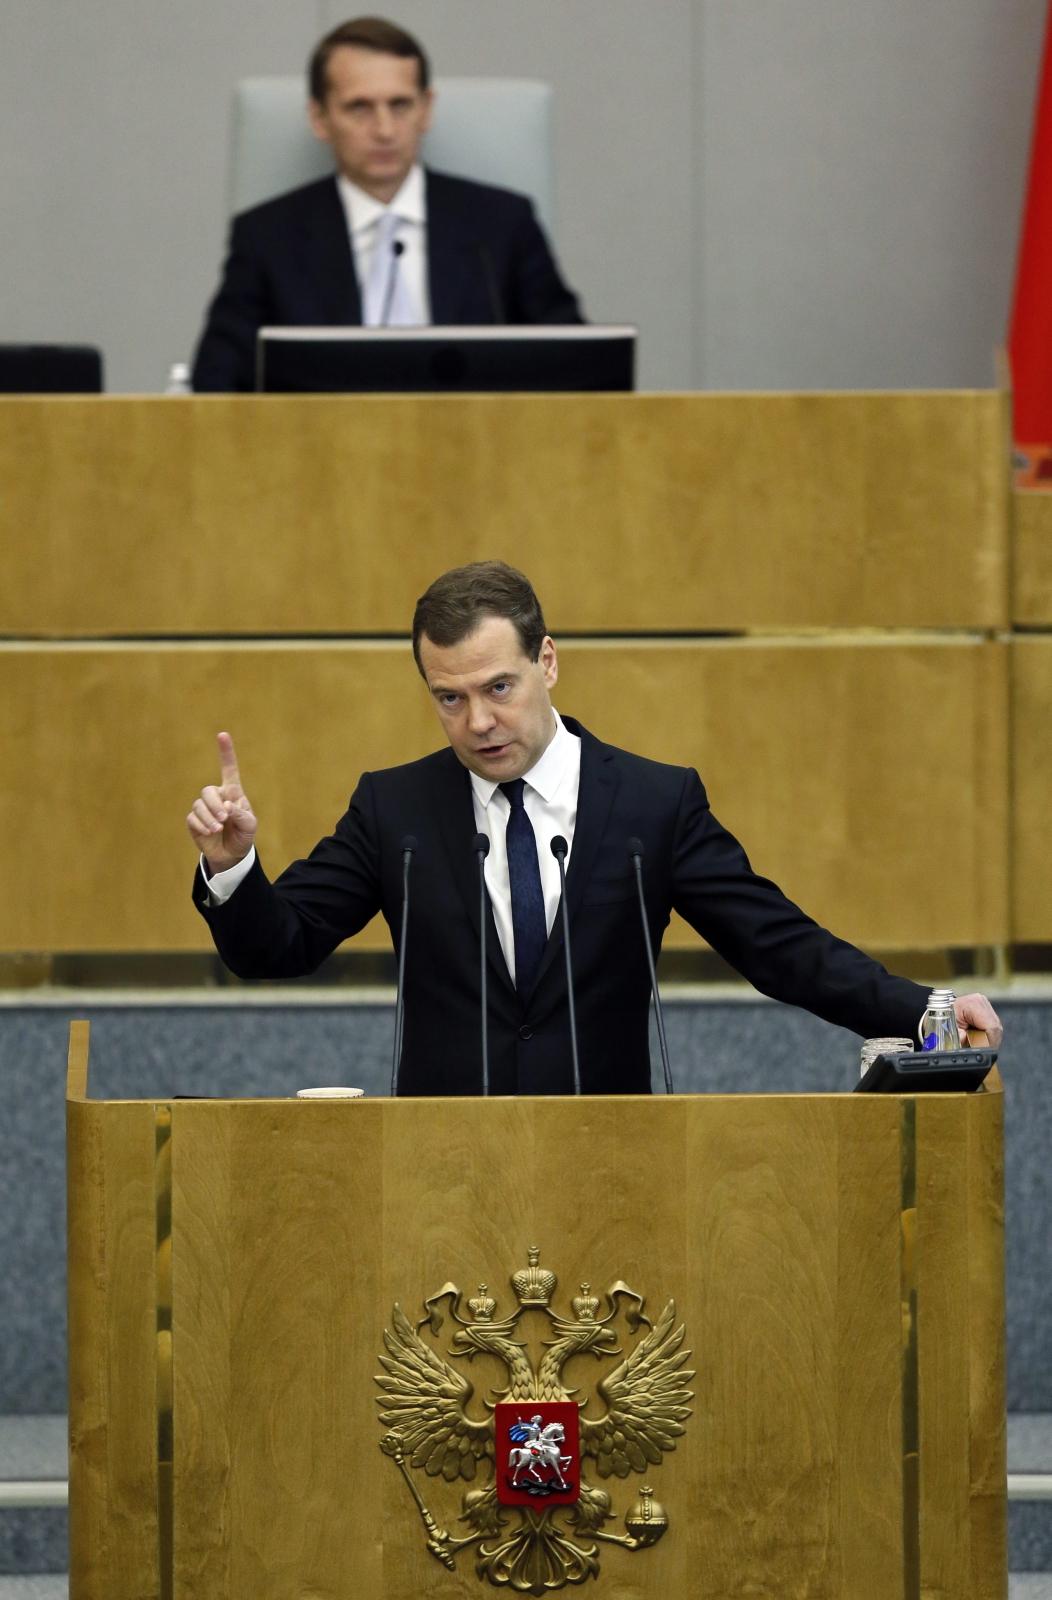 Premier Rosji Wiktor Miedwiediew